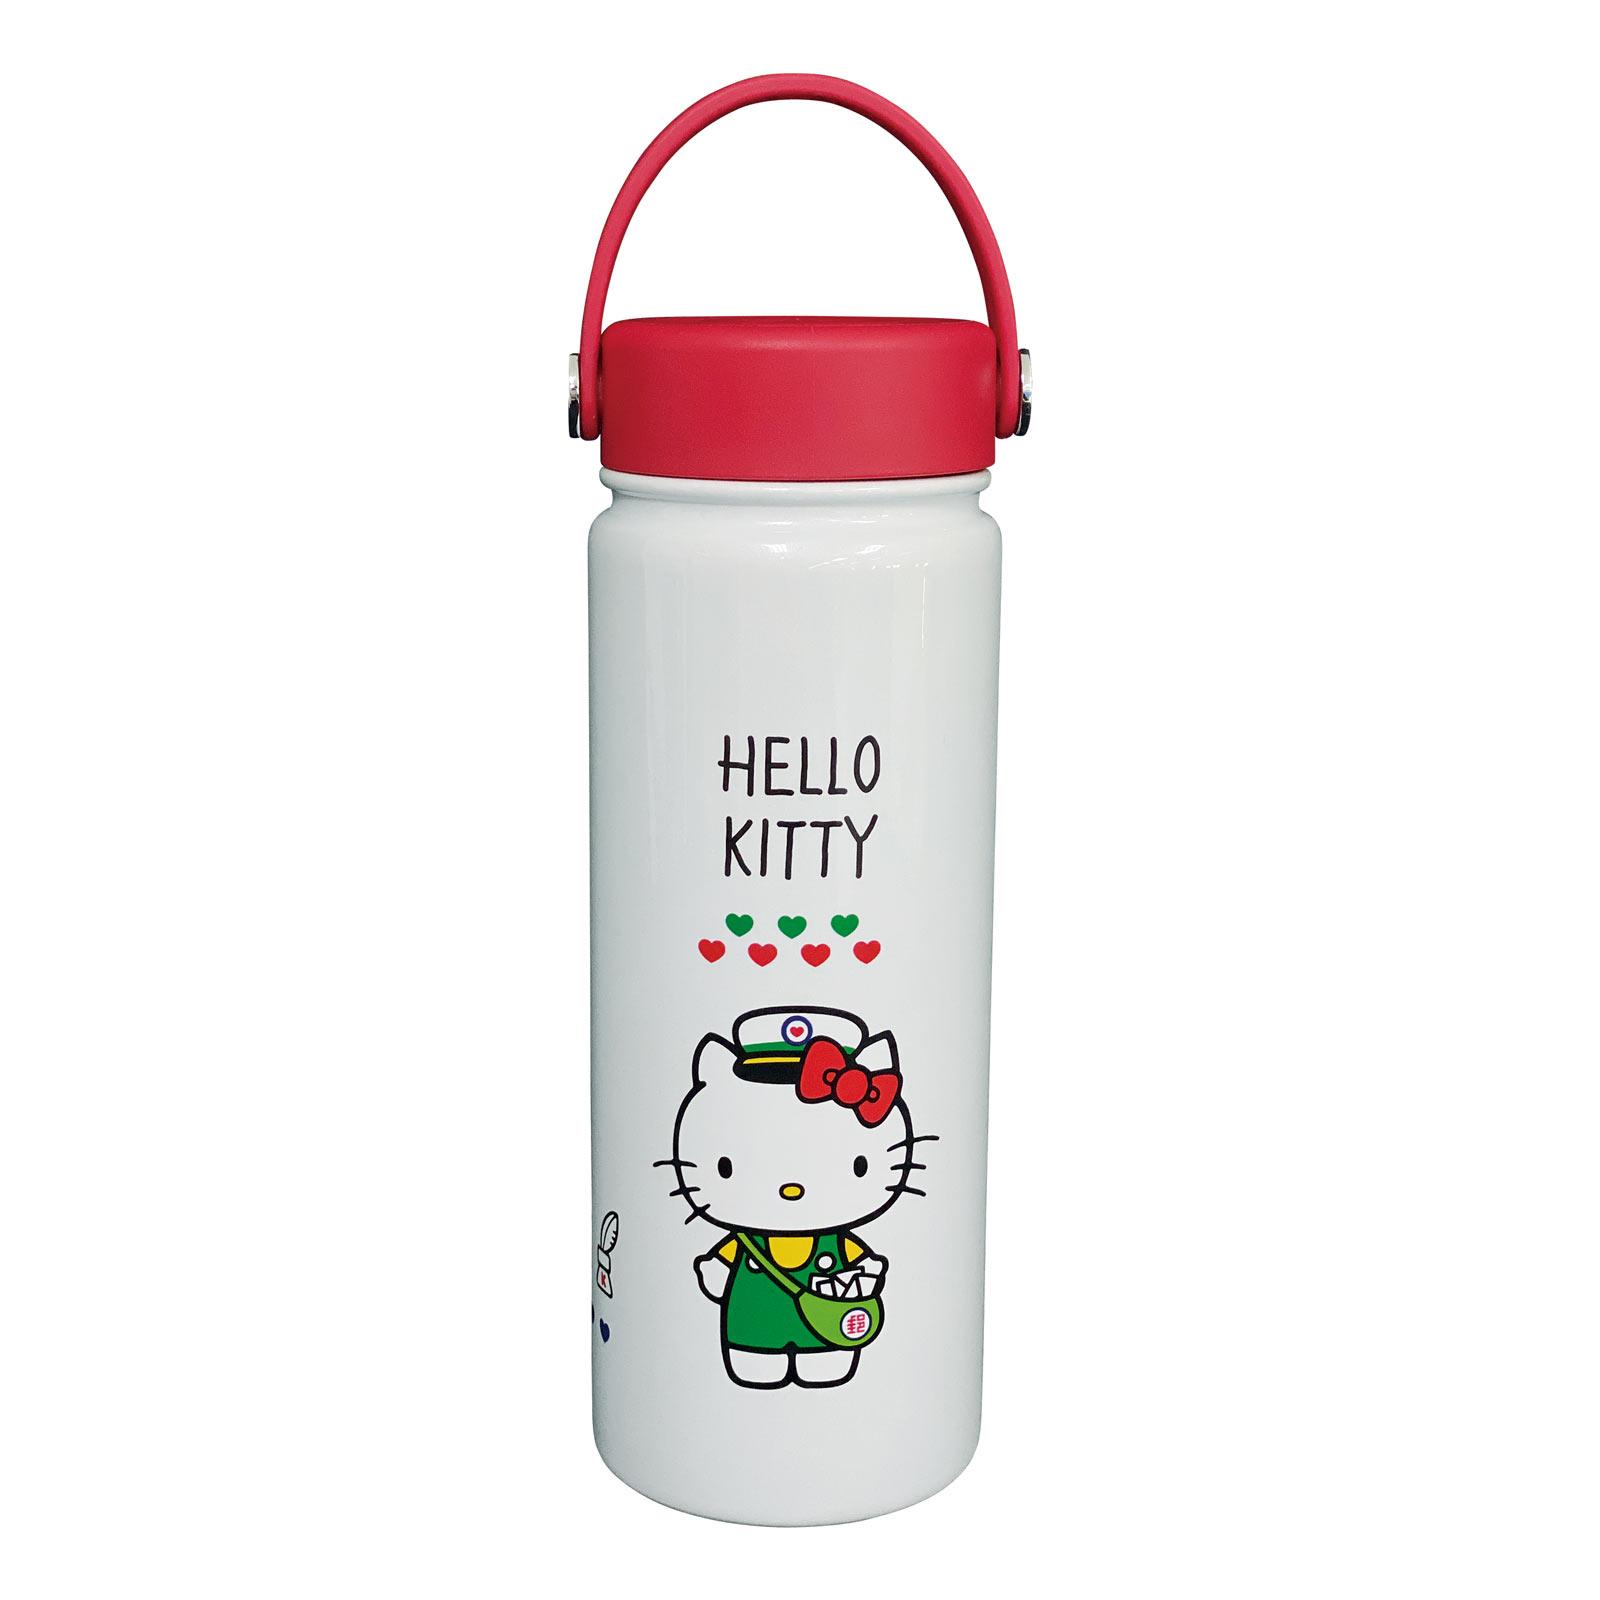 HELLO KITTY 幸福保溫瓶 (旋蓋款)